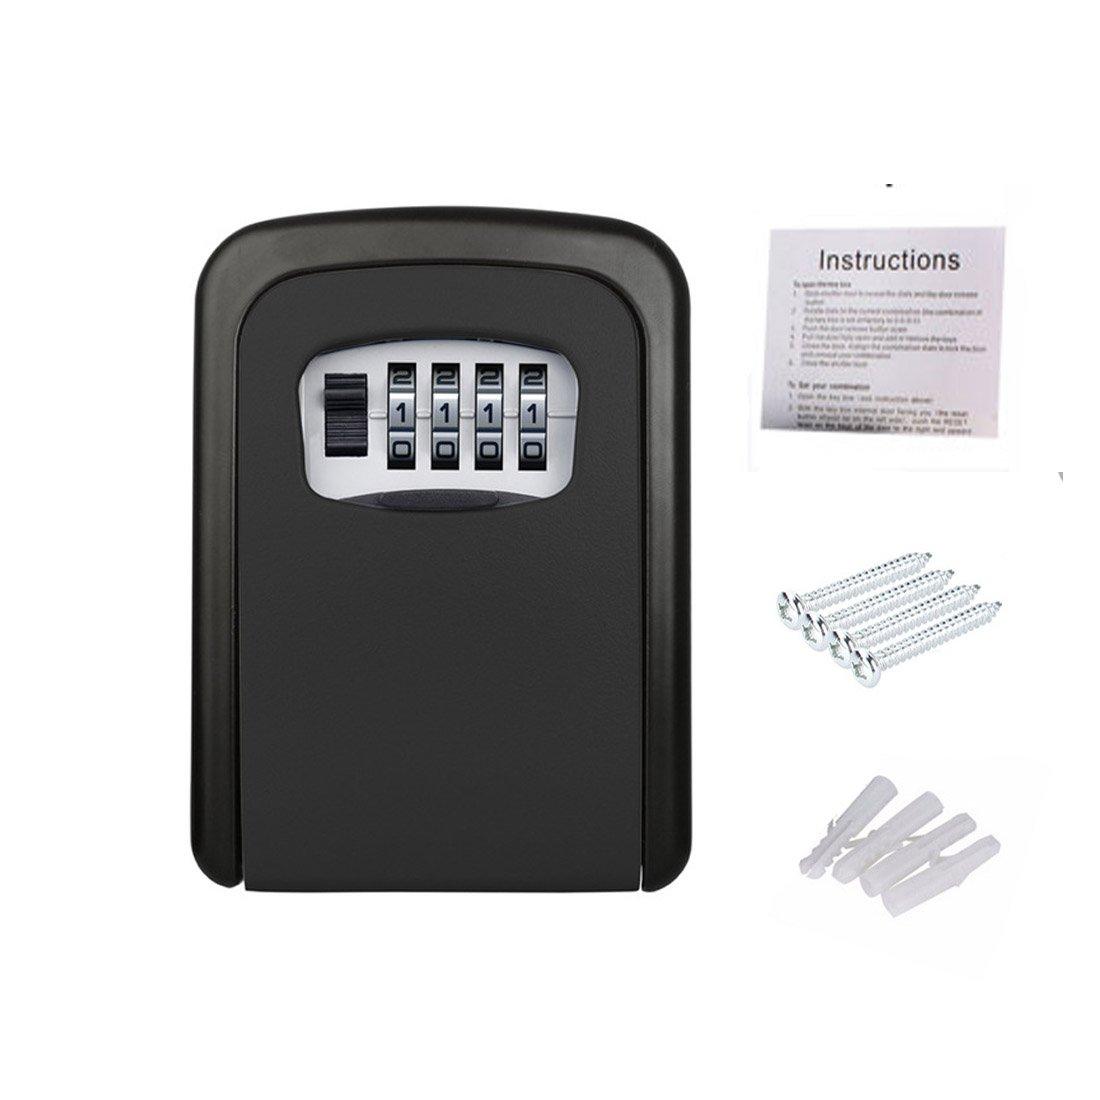 壁マウントされたストレージキーロックボックス可能4桁の組み合わせパスワードキーセーフボックスホームビジネス商業、Lockoutsのアクセスを提供し、緊急またはサービス担当者(ブラック) B07C7ZV1T3, 村岡町:9de598b7 --- plastiq.jp